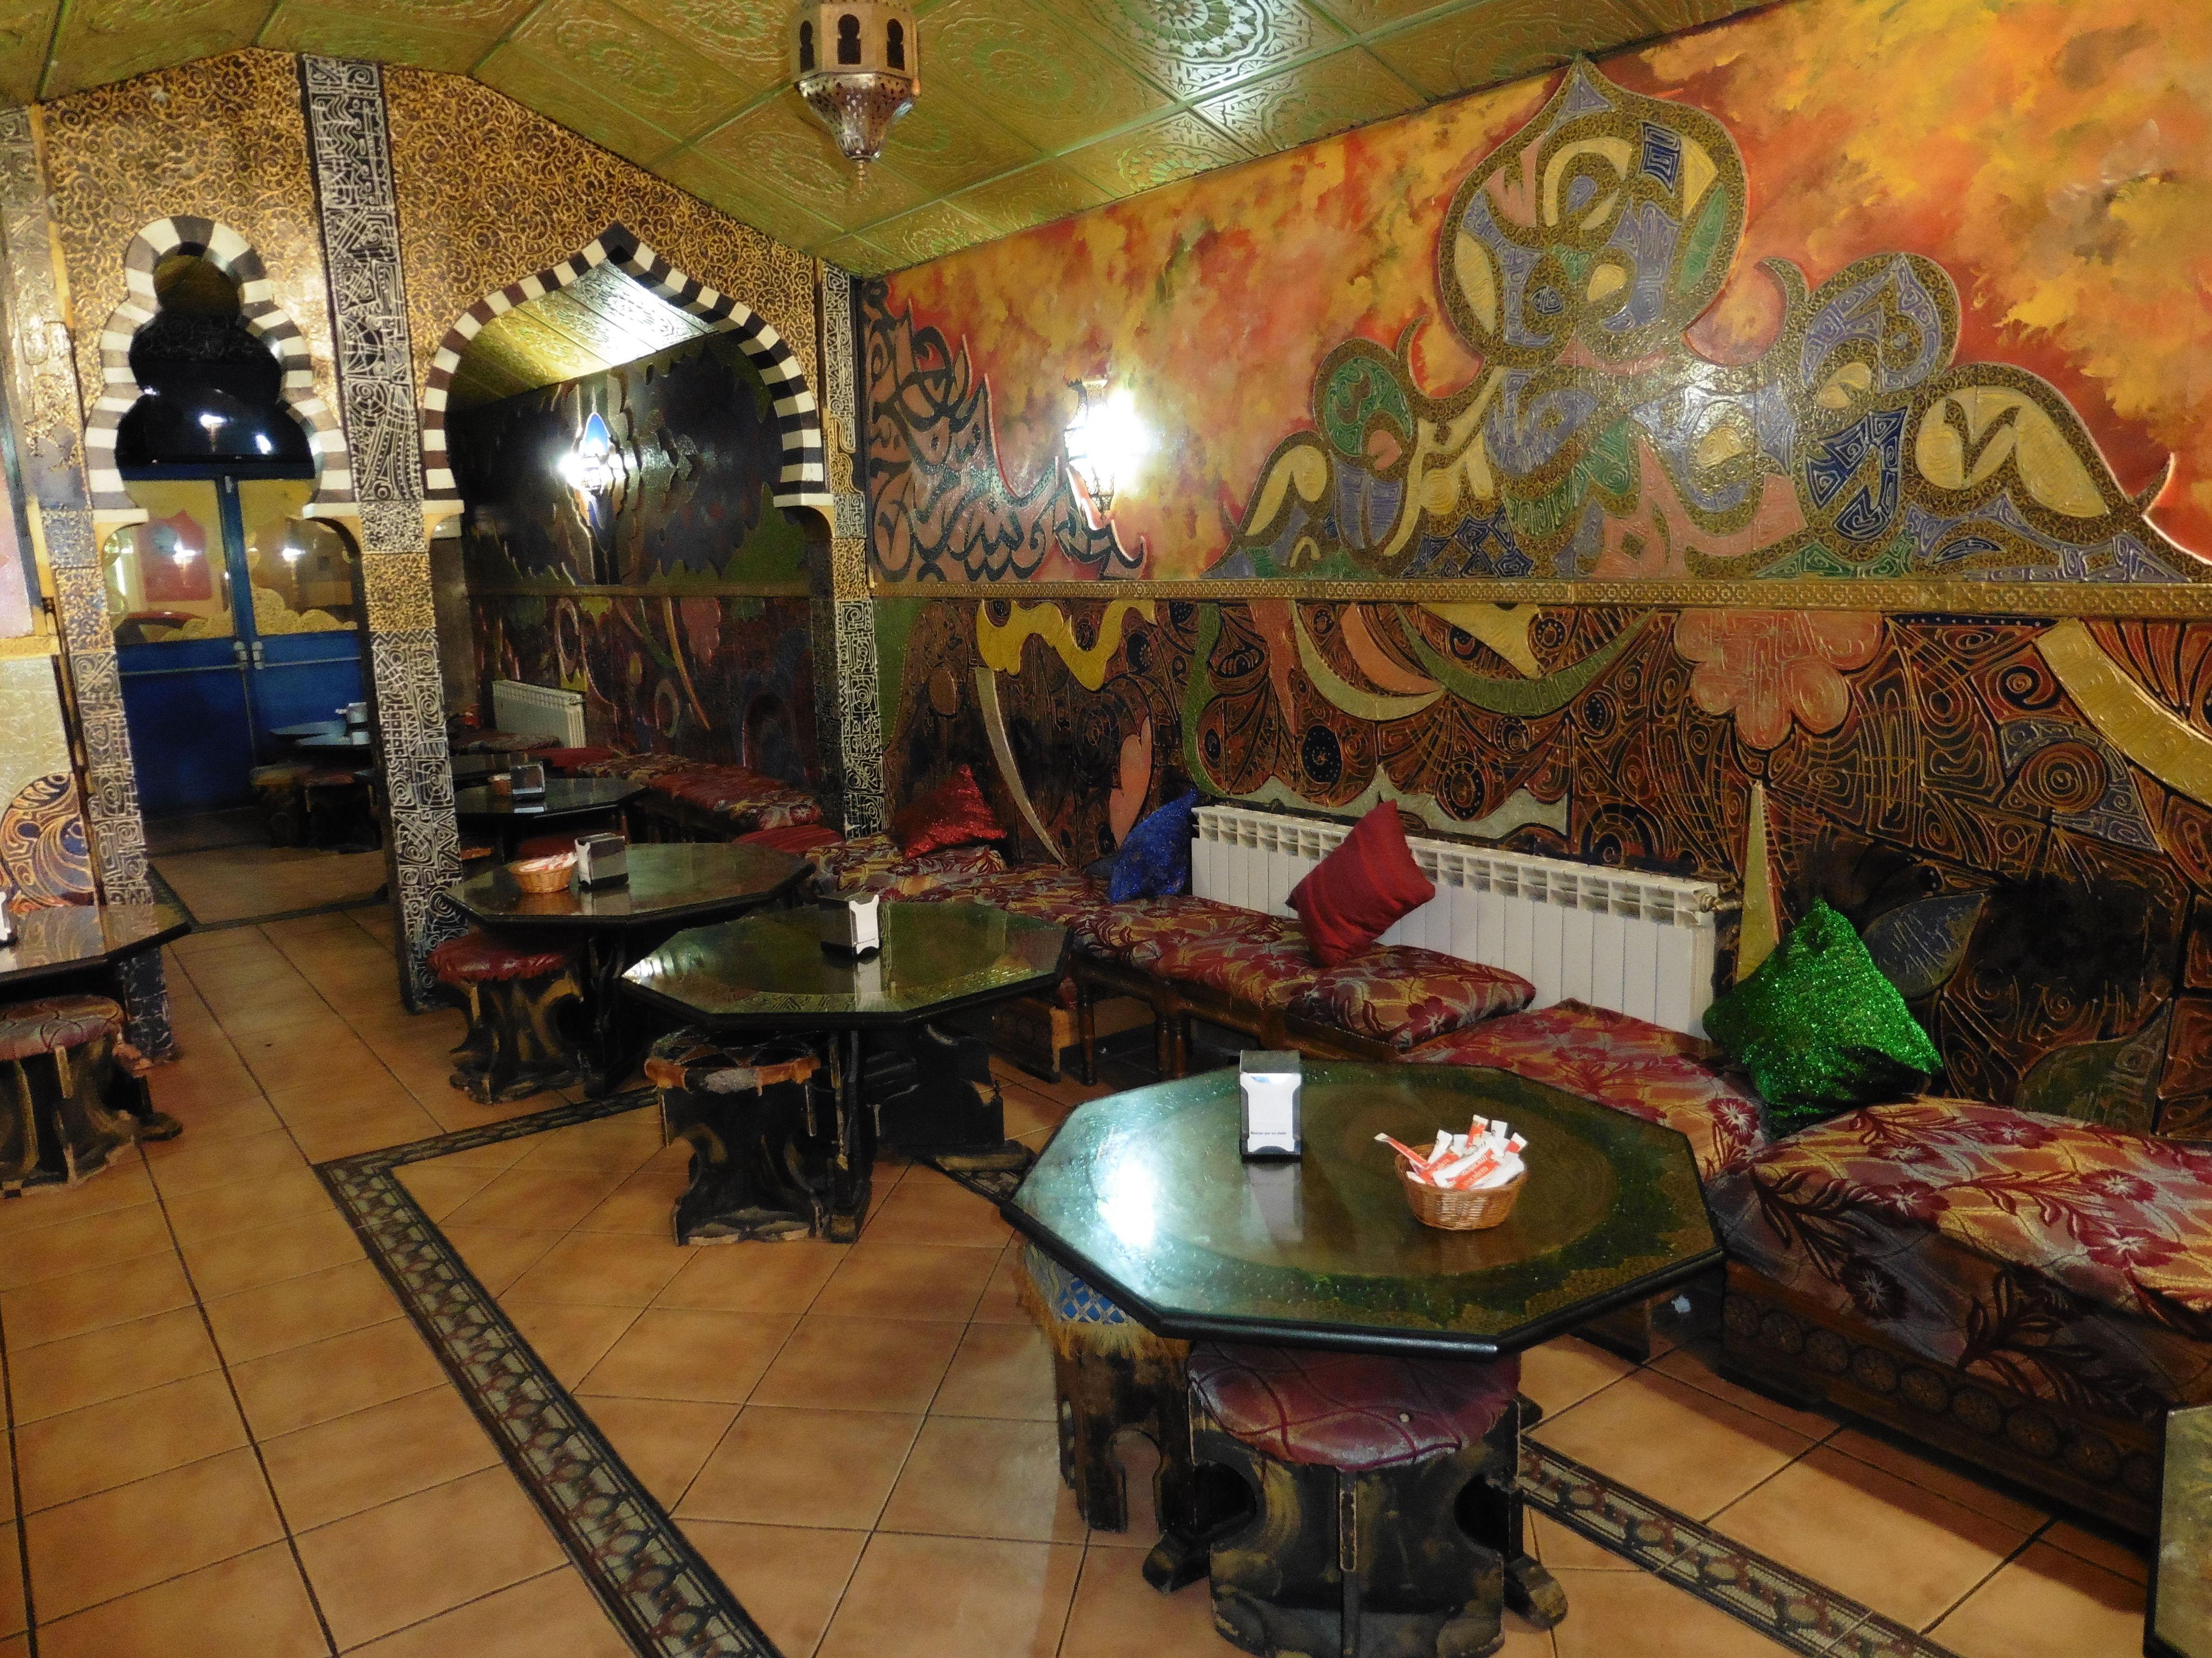 Foto 52 de Cocina árabe en Madrid | Las Mil y una Noches